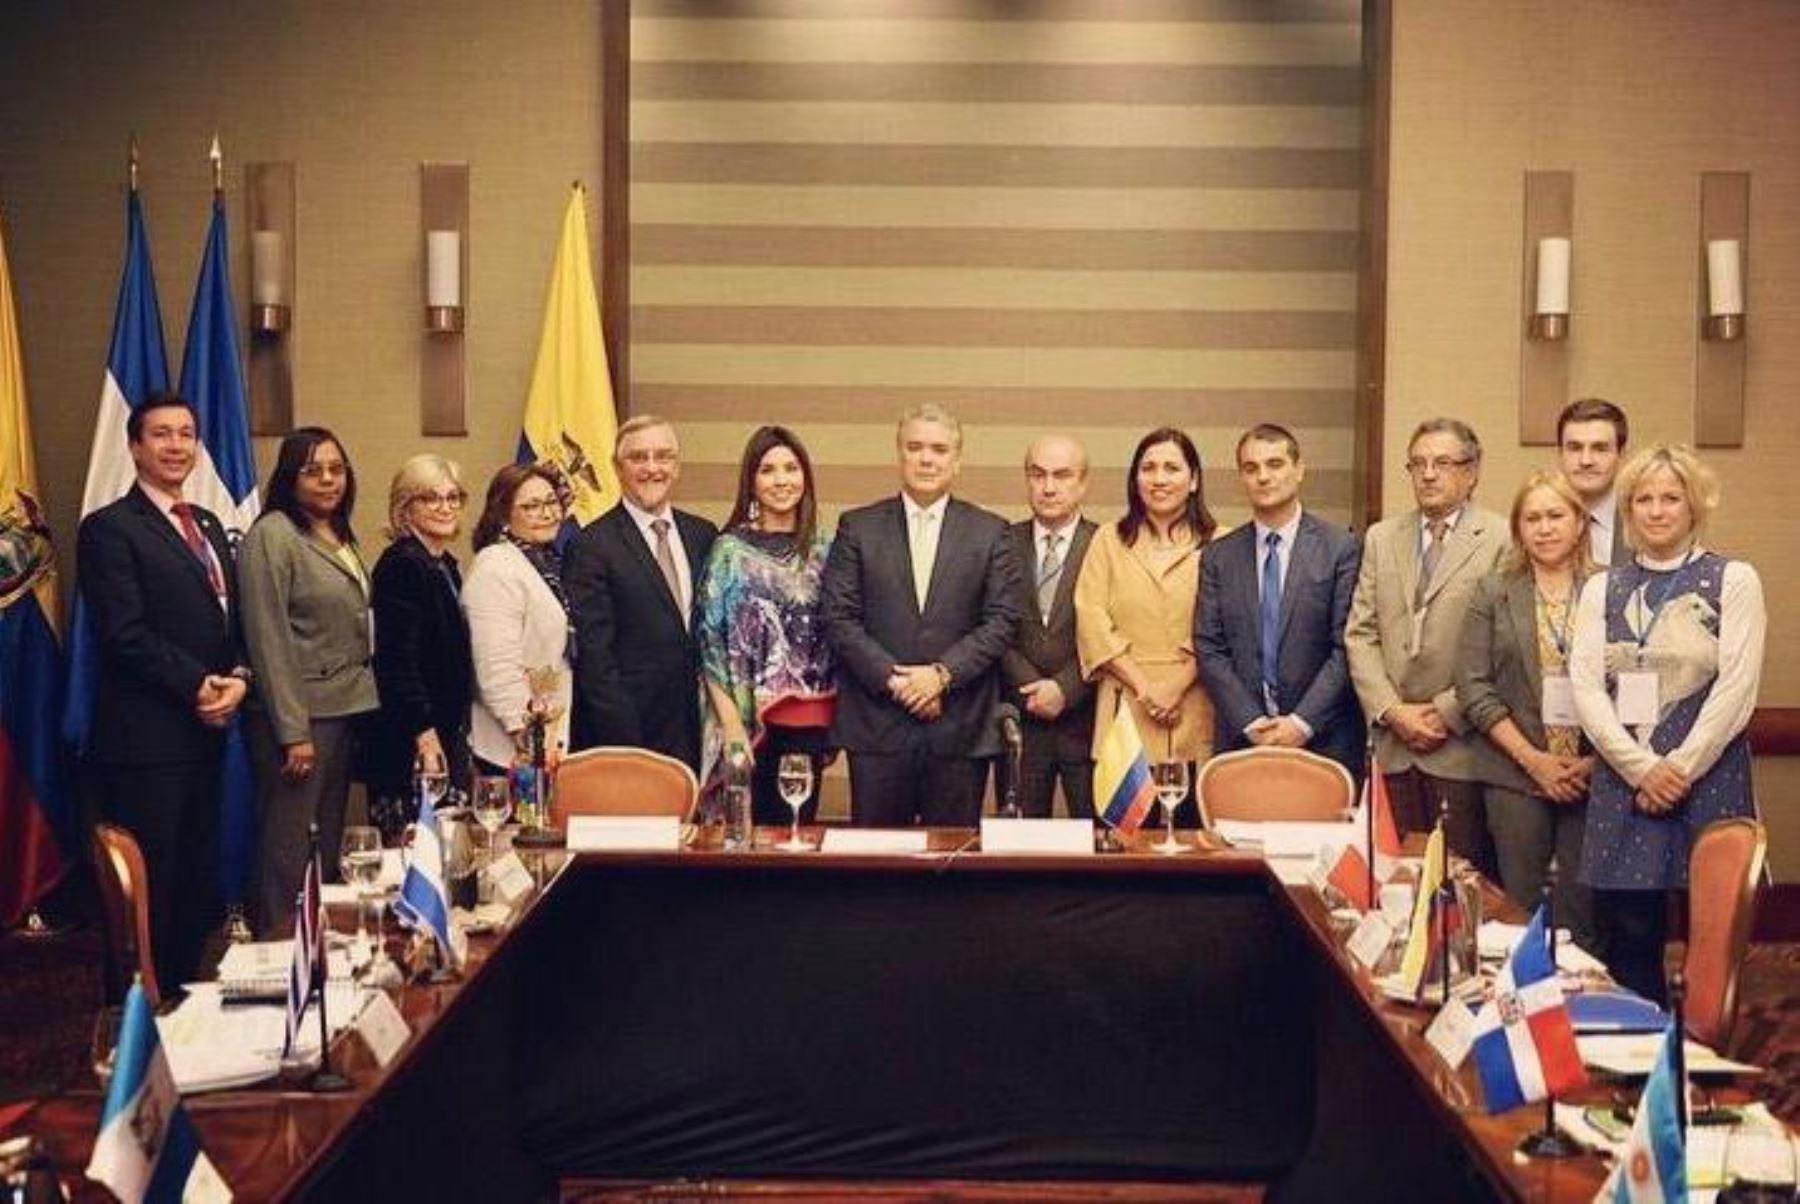 Ministra de Educación plantea dignificar la carrera magisterial en encuentro latinoamericano en Colombia. Foto: ANDINA/Minedu.